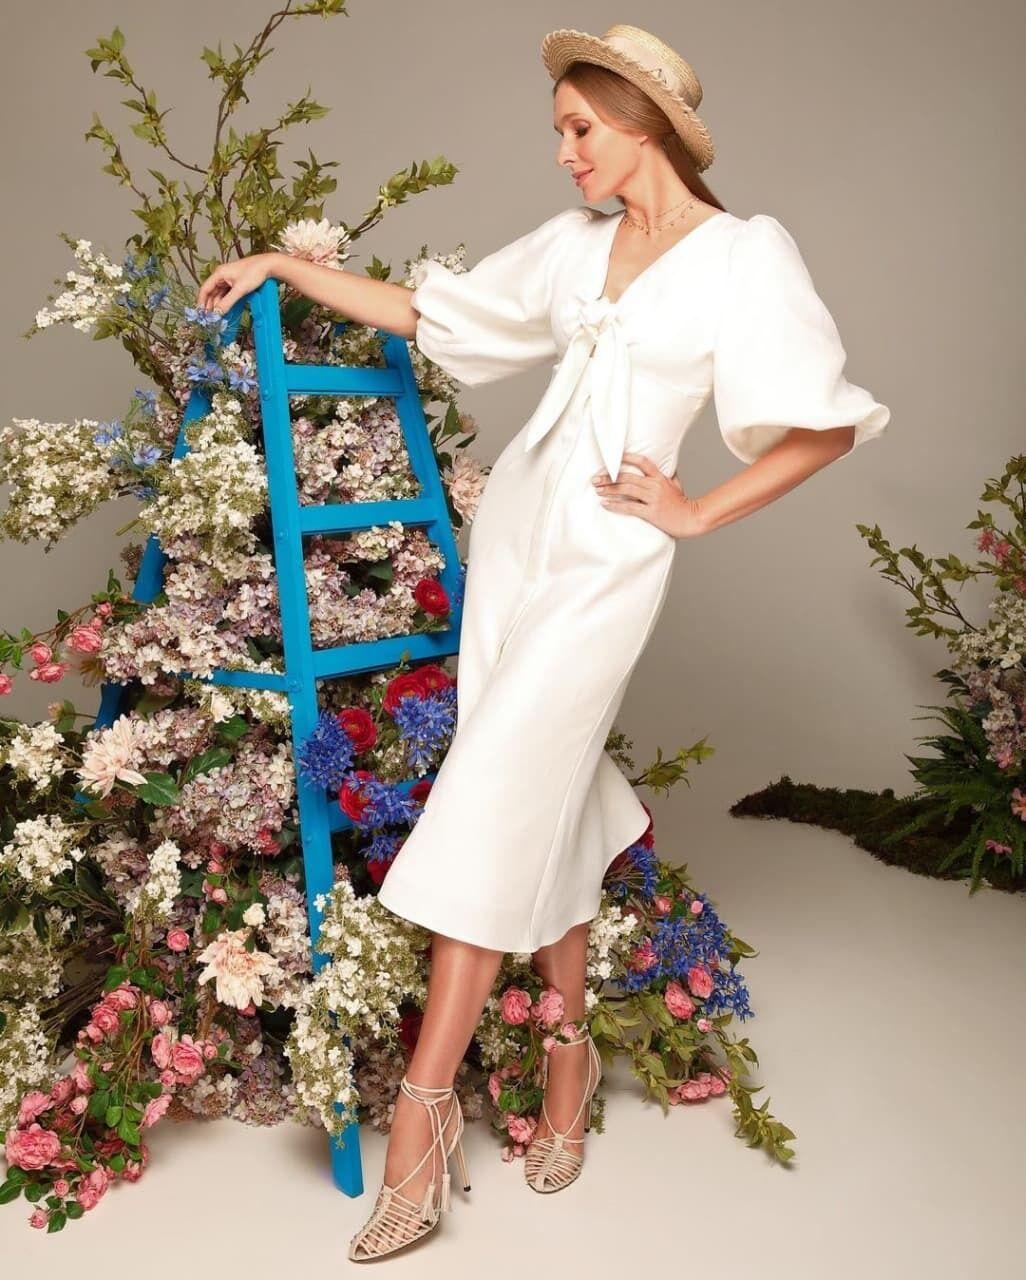 Осадчая позировала в белом платье.